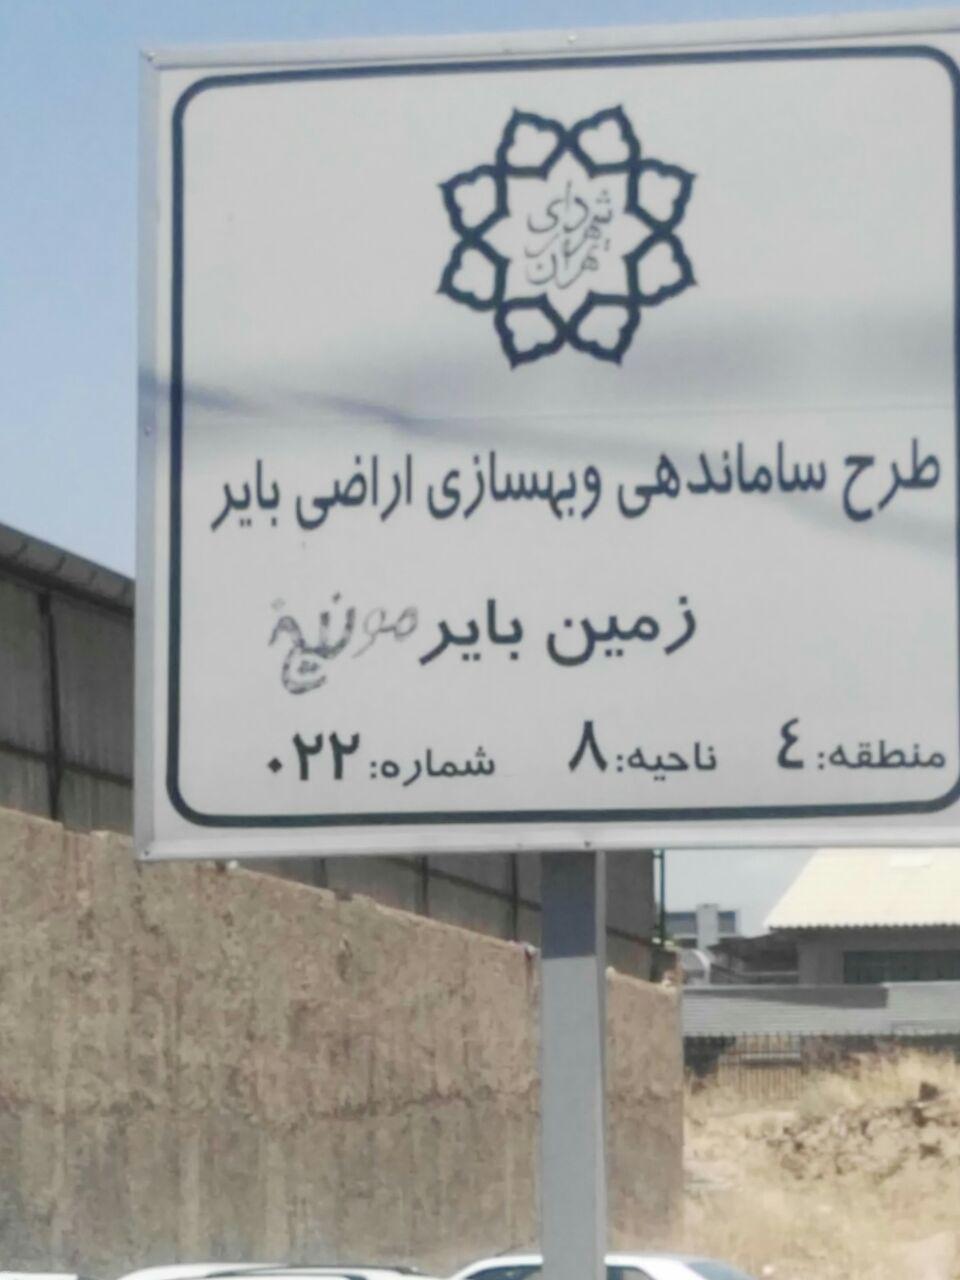 عکس های خنده دار و بامزه ایران و جهان (58)